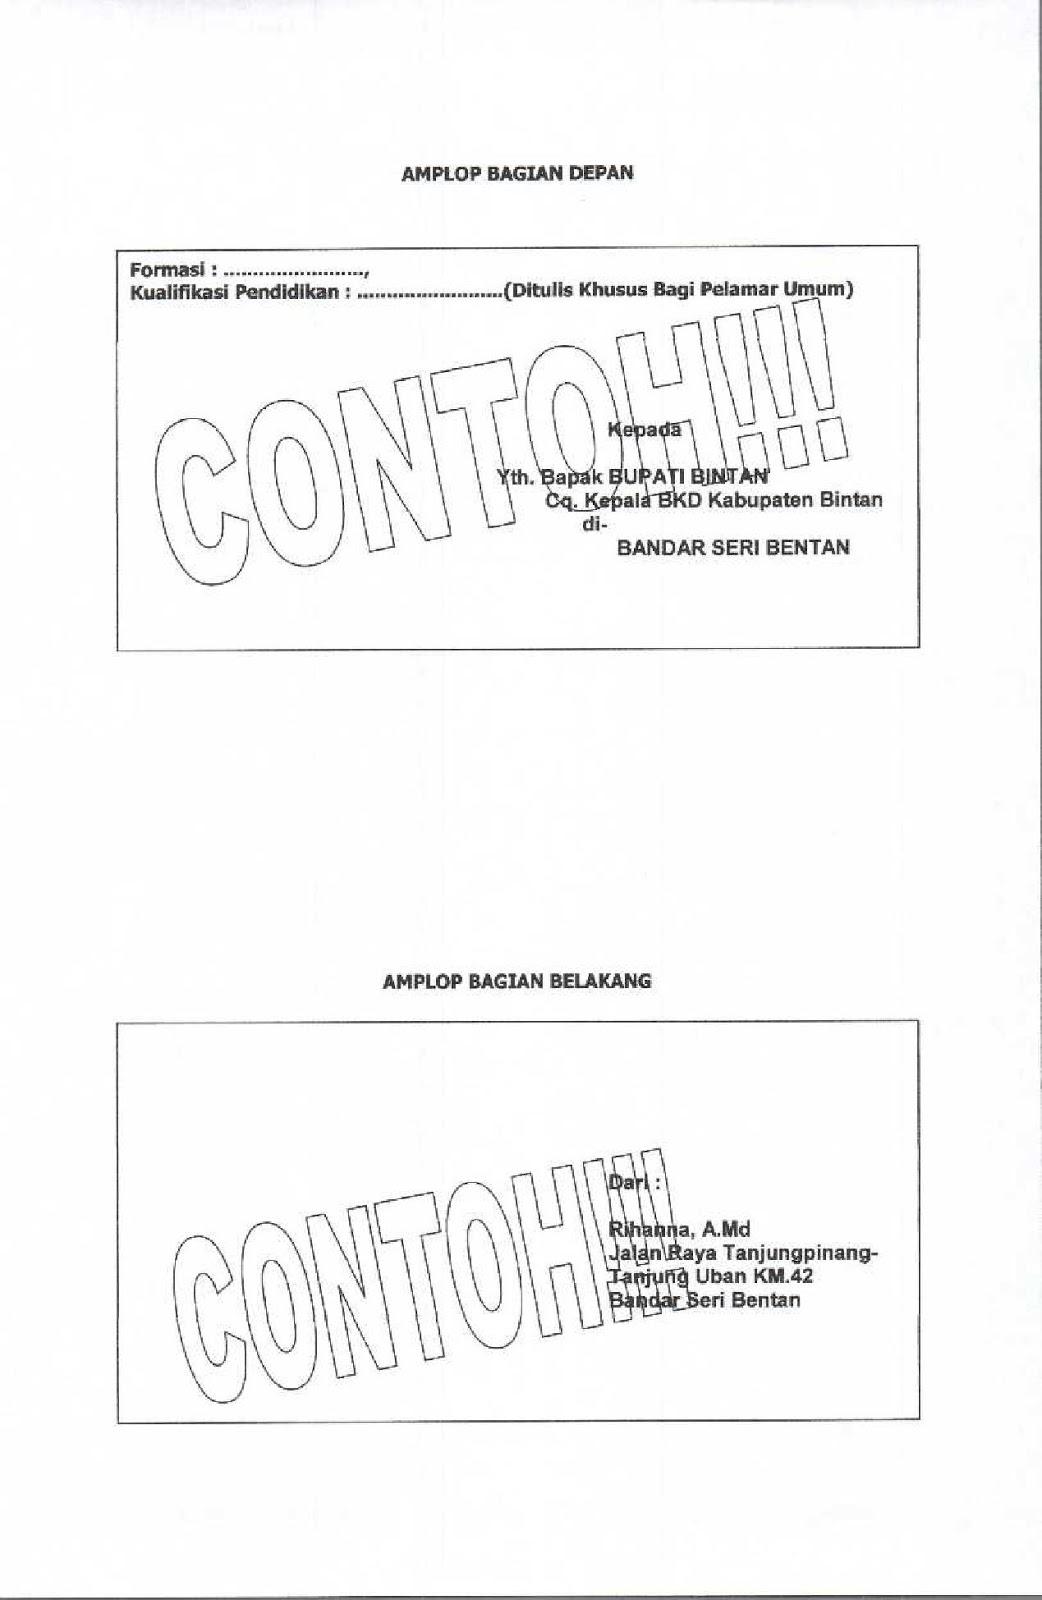 Lowongan (Dokter, Perawat, Bidan, dll) PTT/Honorer di Kab